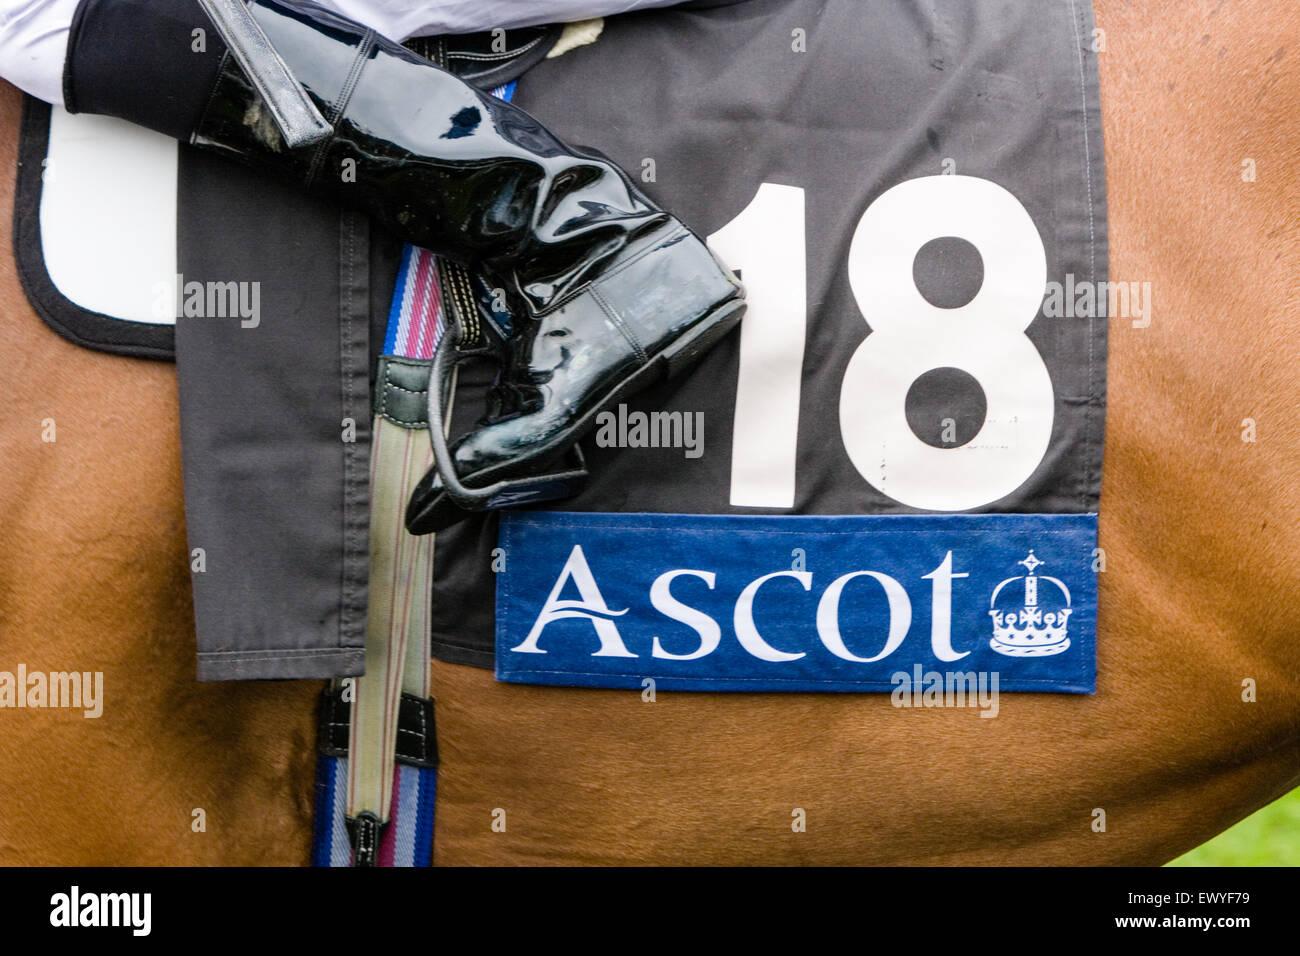 Bei der Welt am besten flach Pferd Rennen treffen besucht Royal Ascot Pferderennen Treffen von der Königin Stockbild